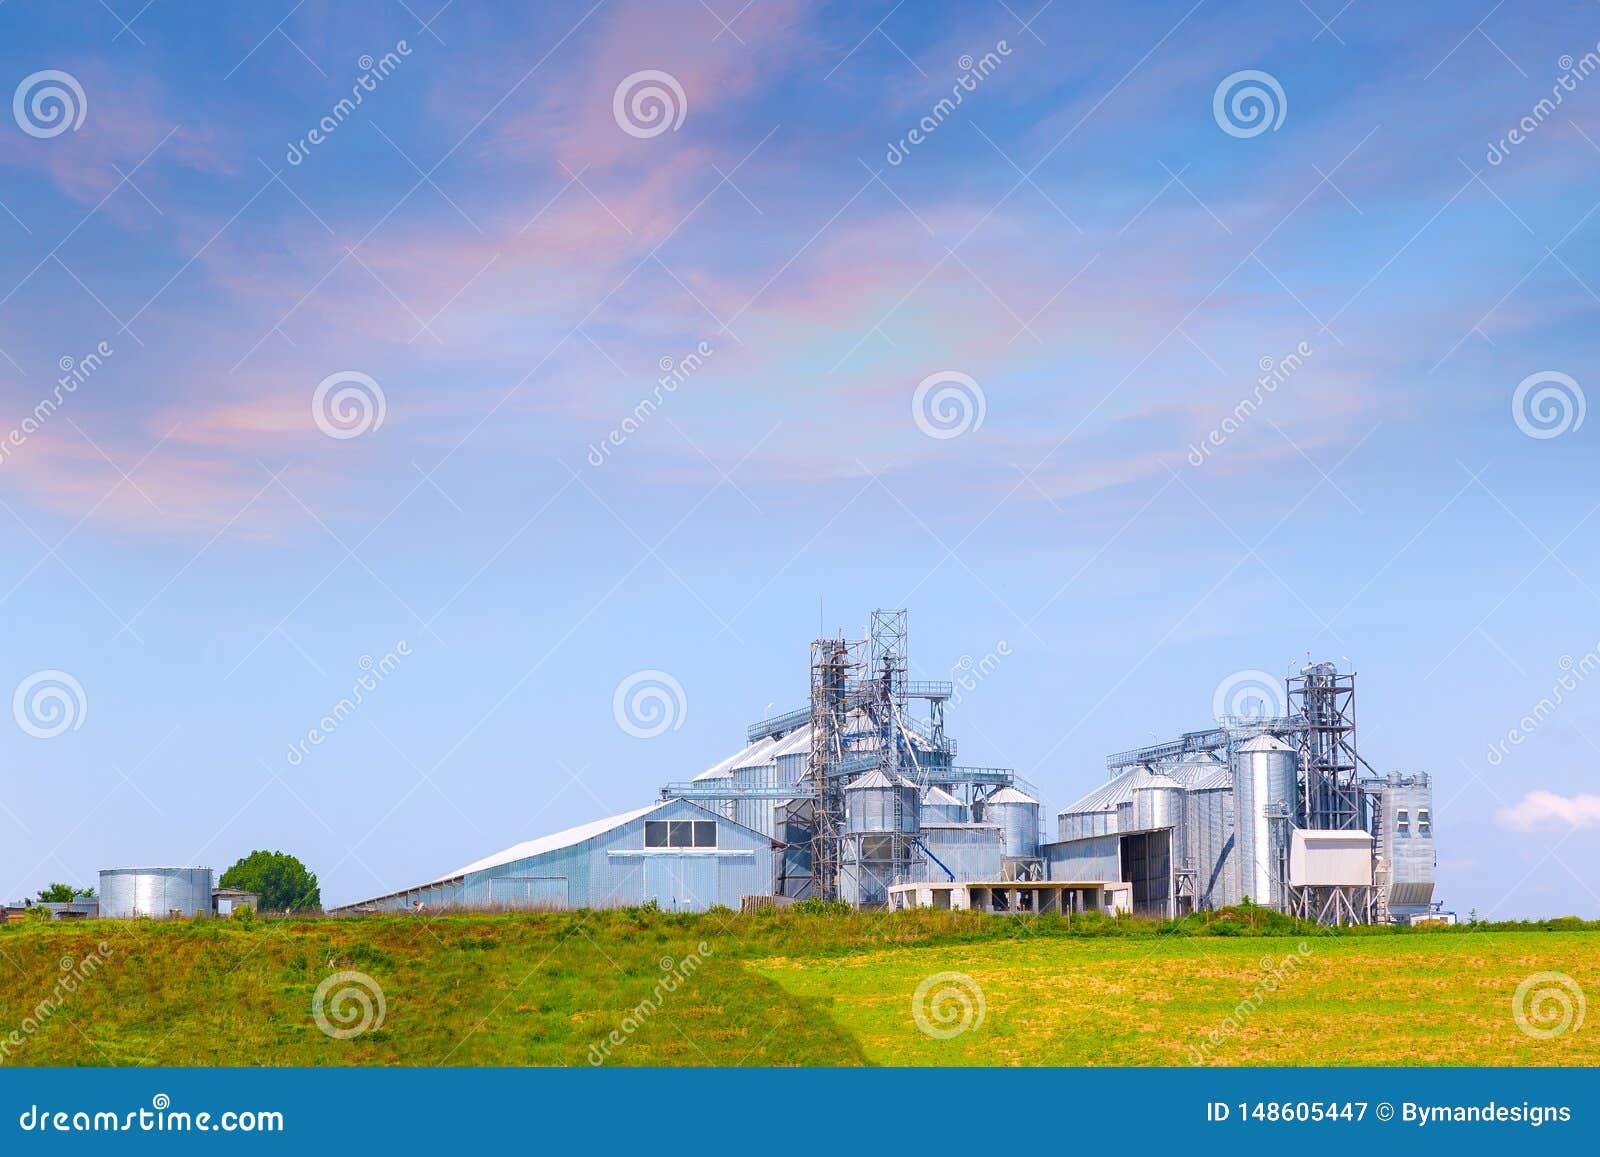 Silos agricoles pour le stockage et le séchage des grains, blé, maïs, soja, tournesol